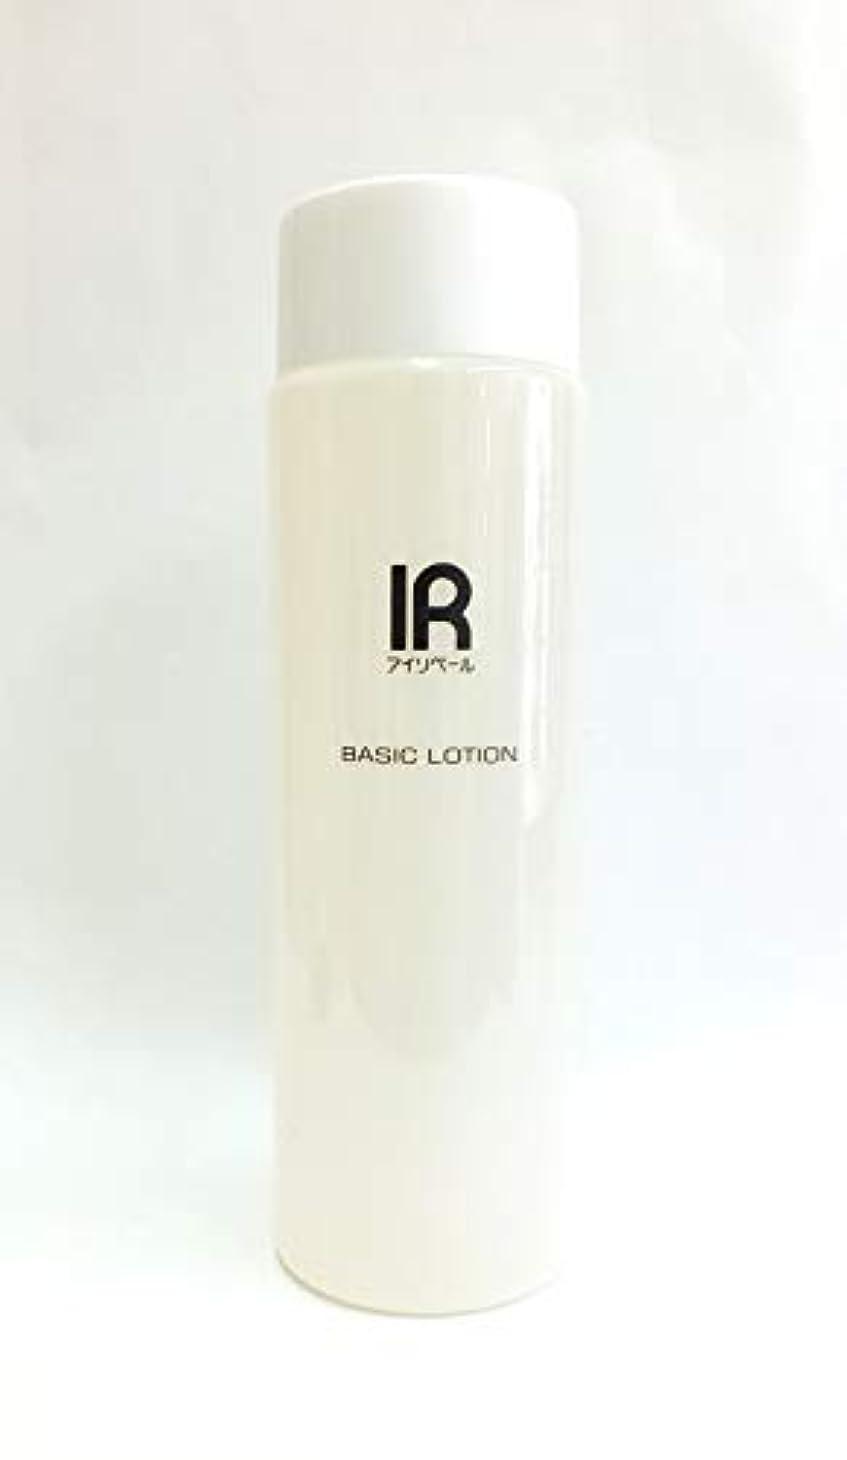 ヒップ戻す経過IR アイリベール化粧品 ベーシックローション(化粧水) 210ml